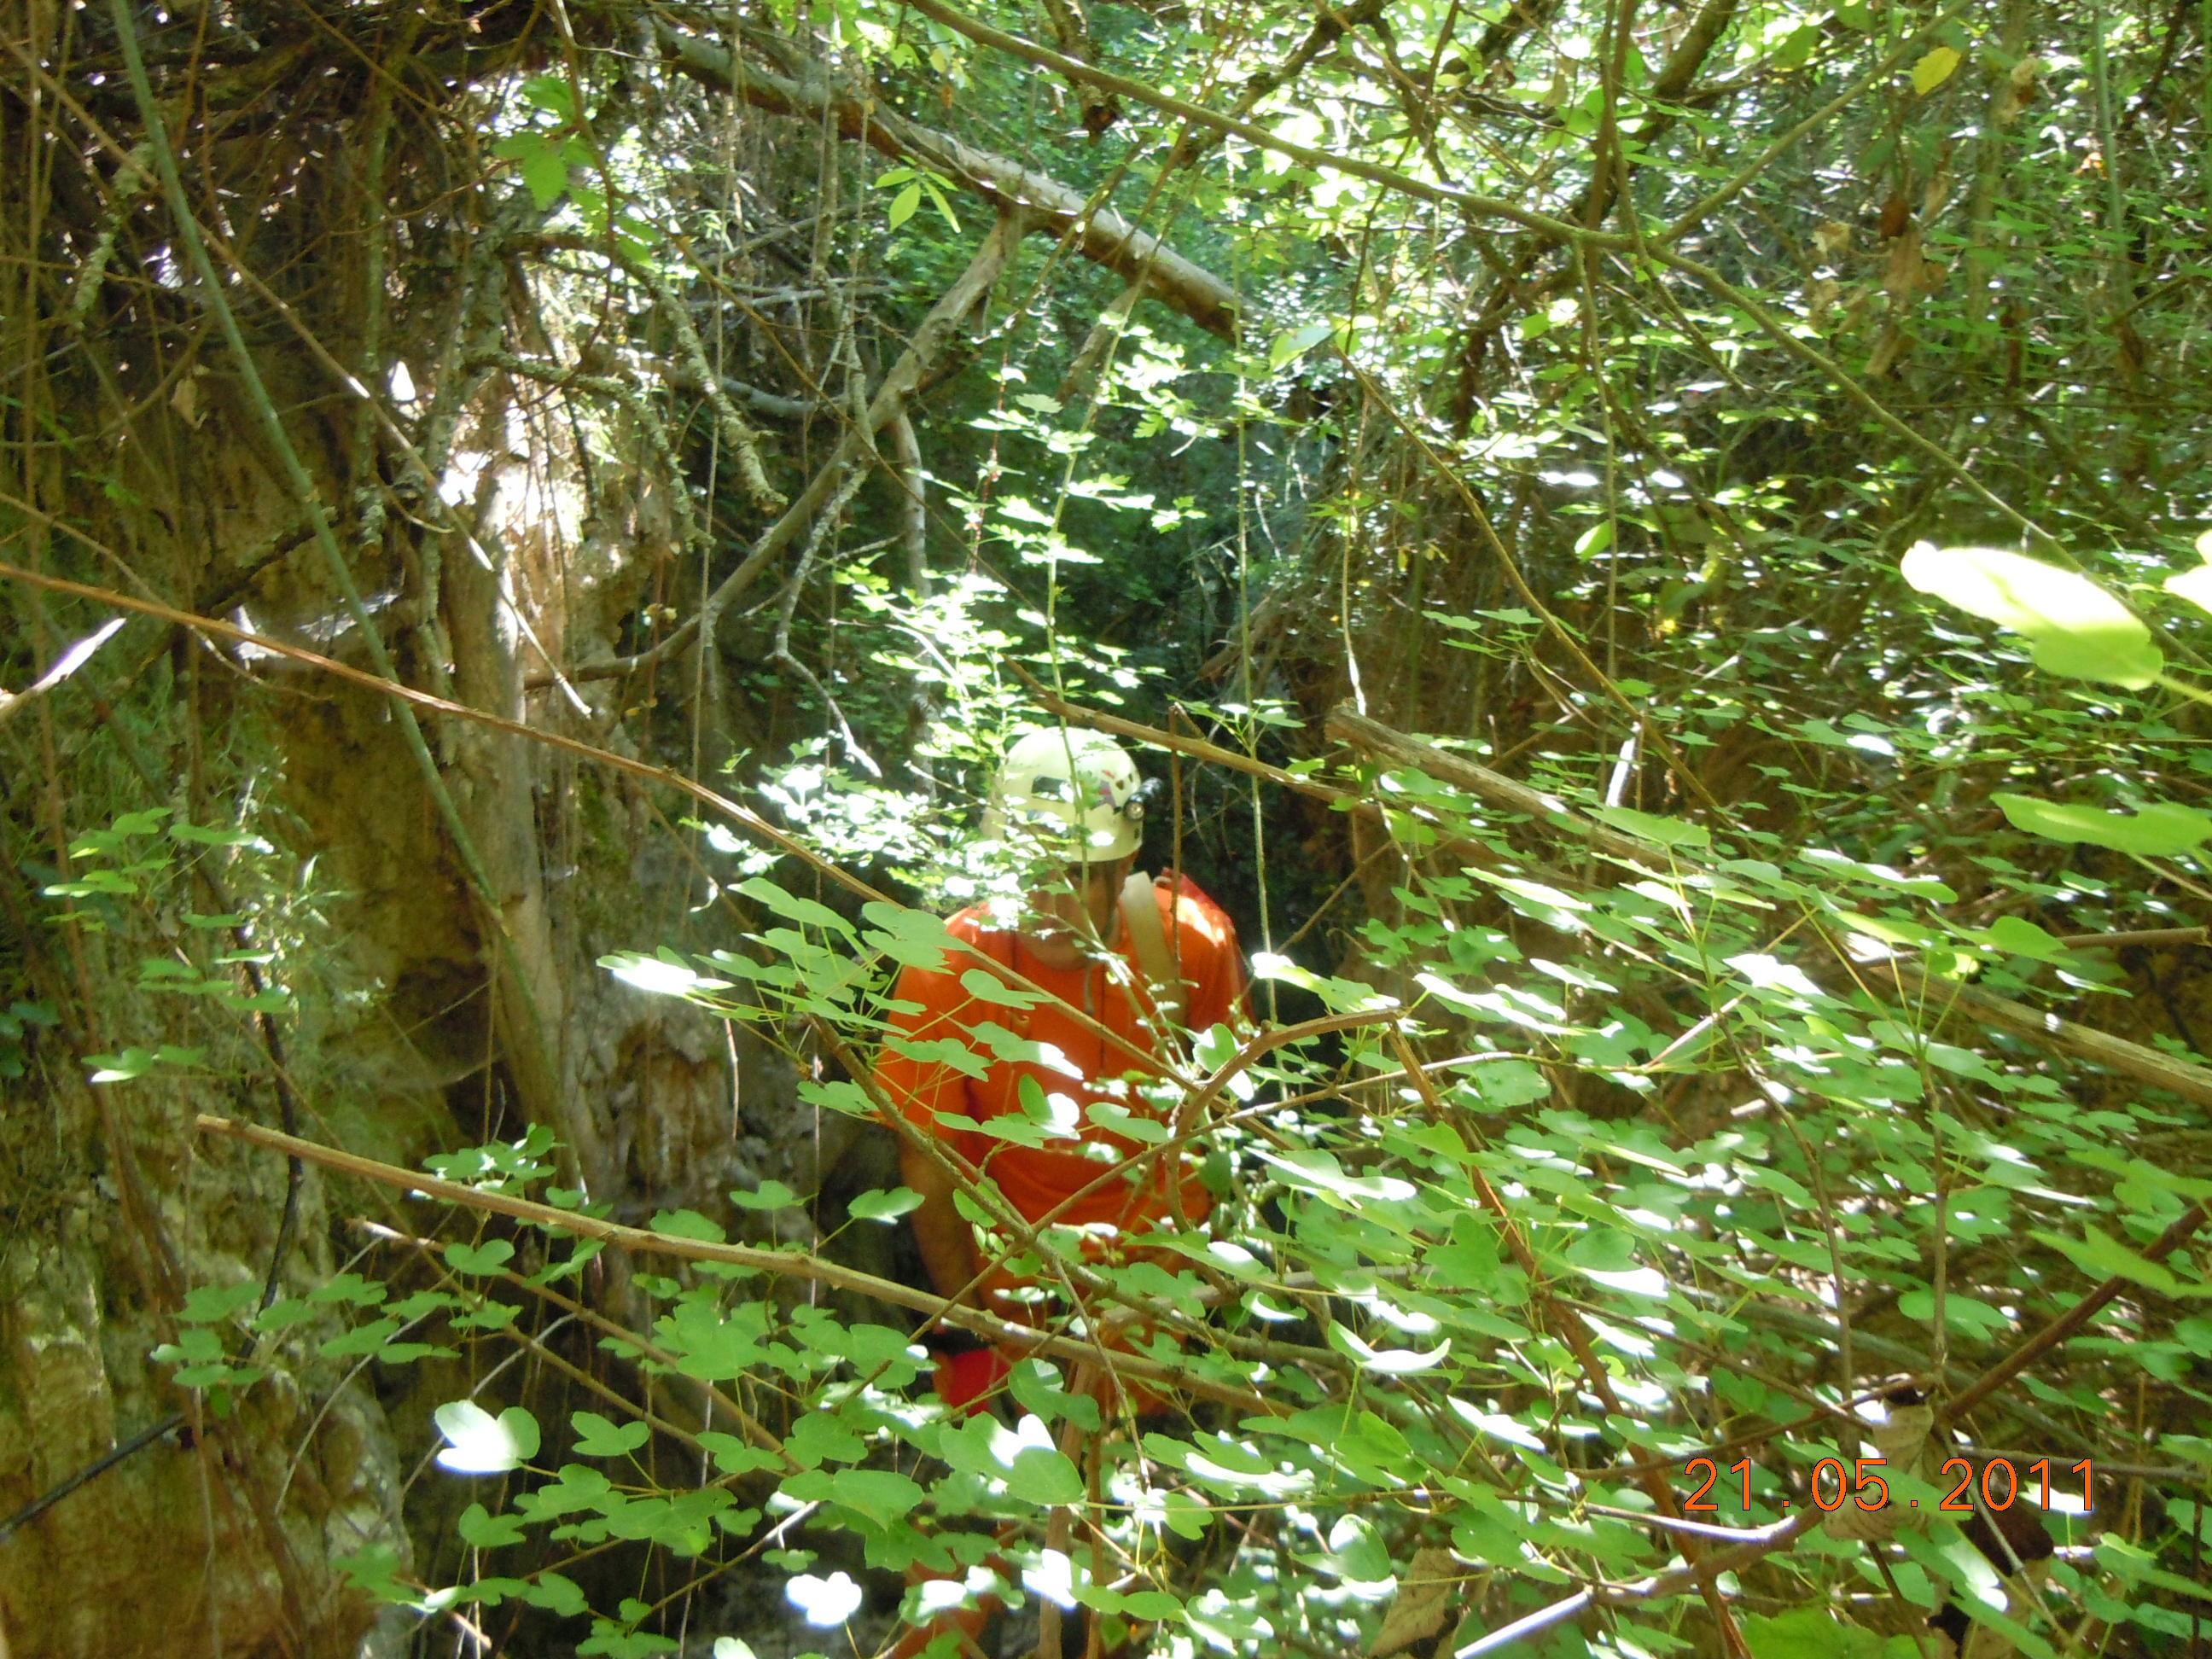 foto Cova del Barranc de Famides